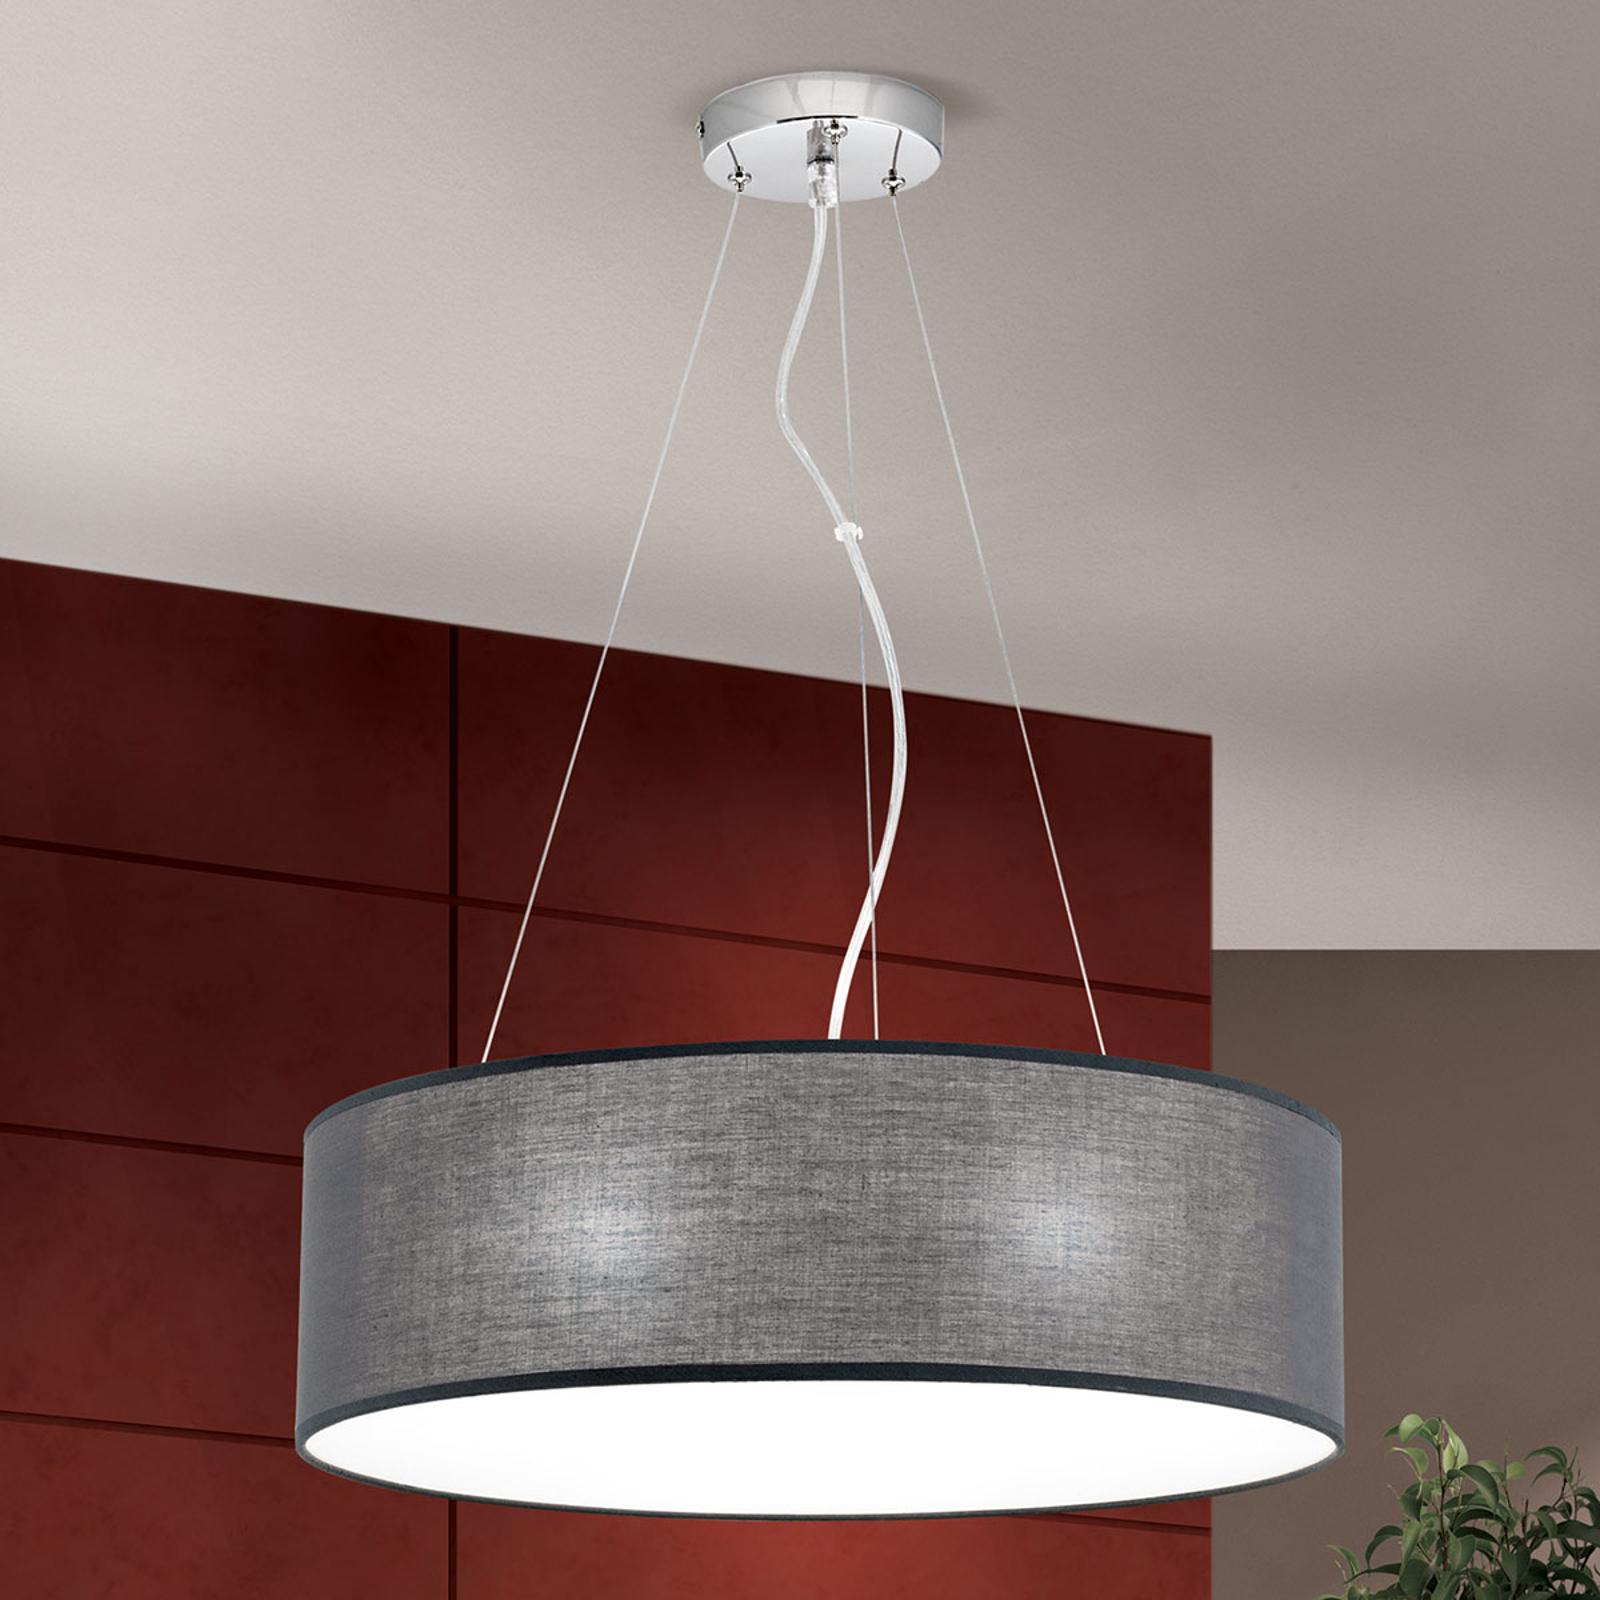 Lámpara colgante OVNI con pantalla de tela gris